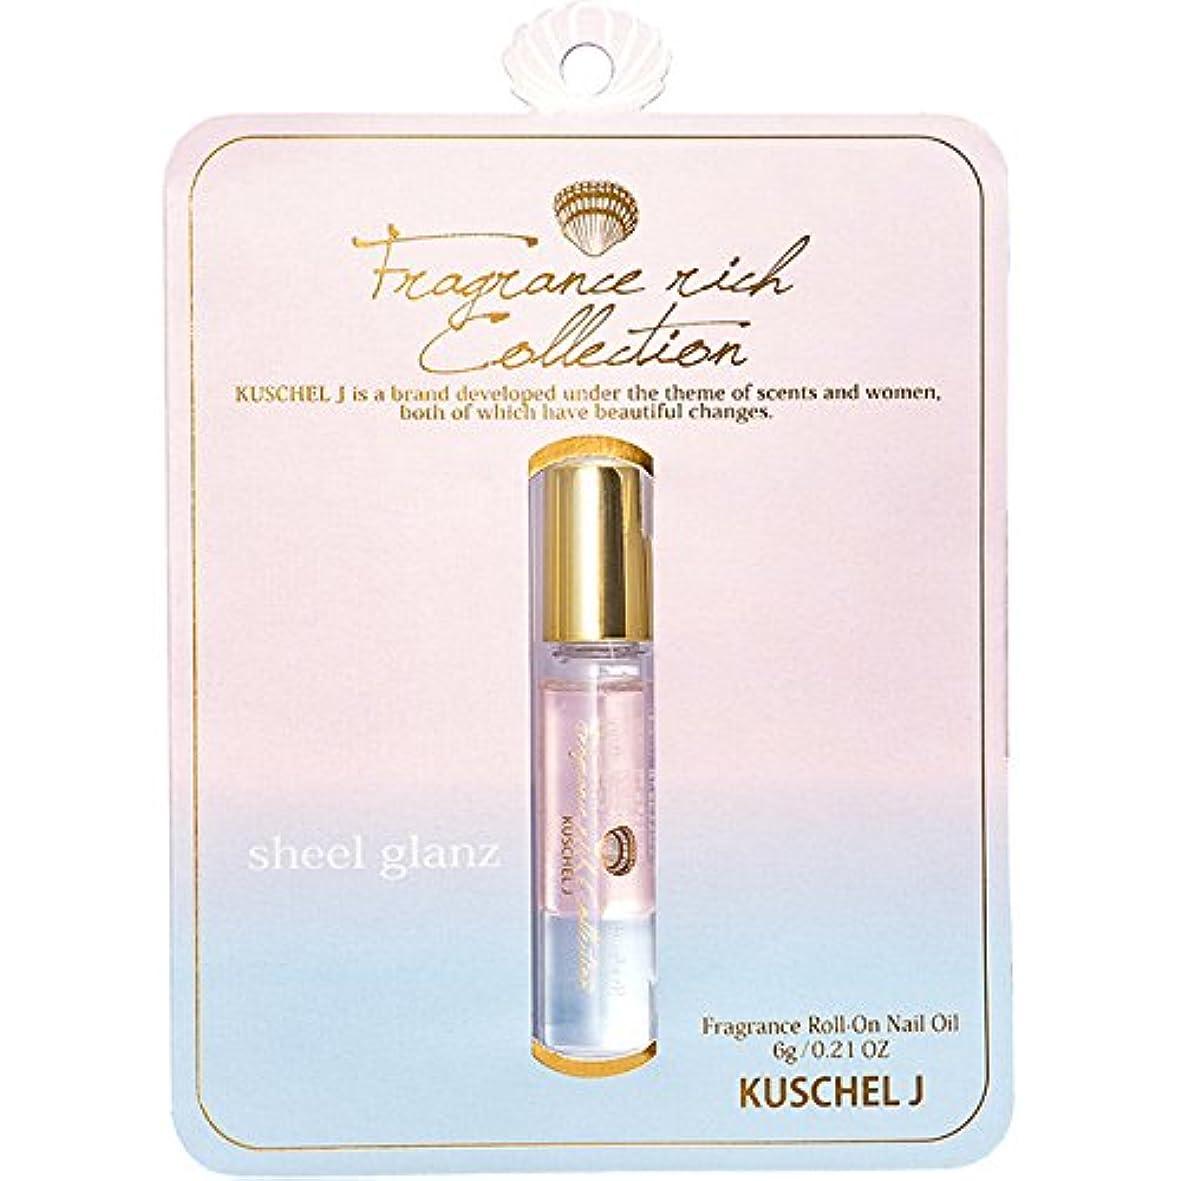 マーキングシルエットアセフレグランシー クシェルヨット(KUSCHEL J) ネイルオイル シェルグラン 6g